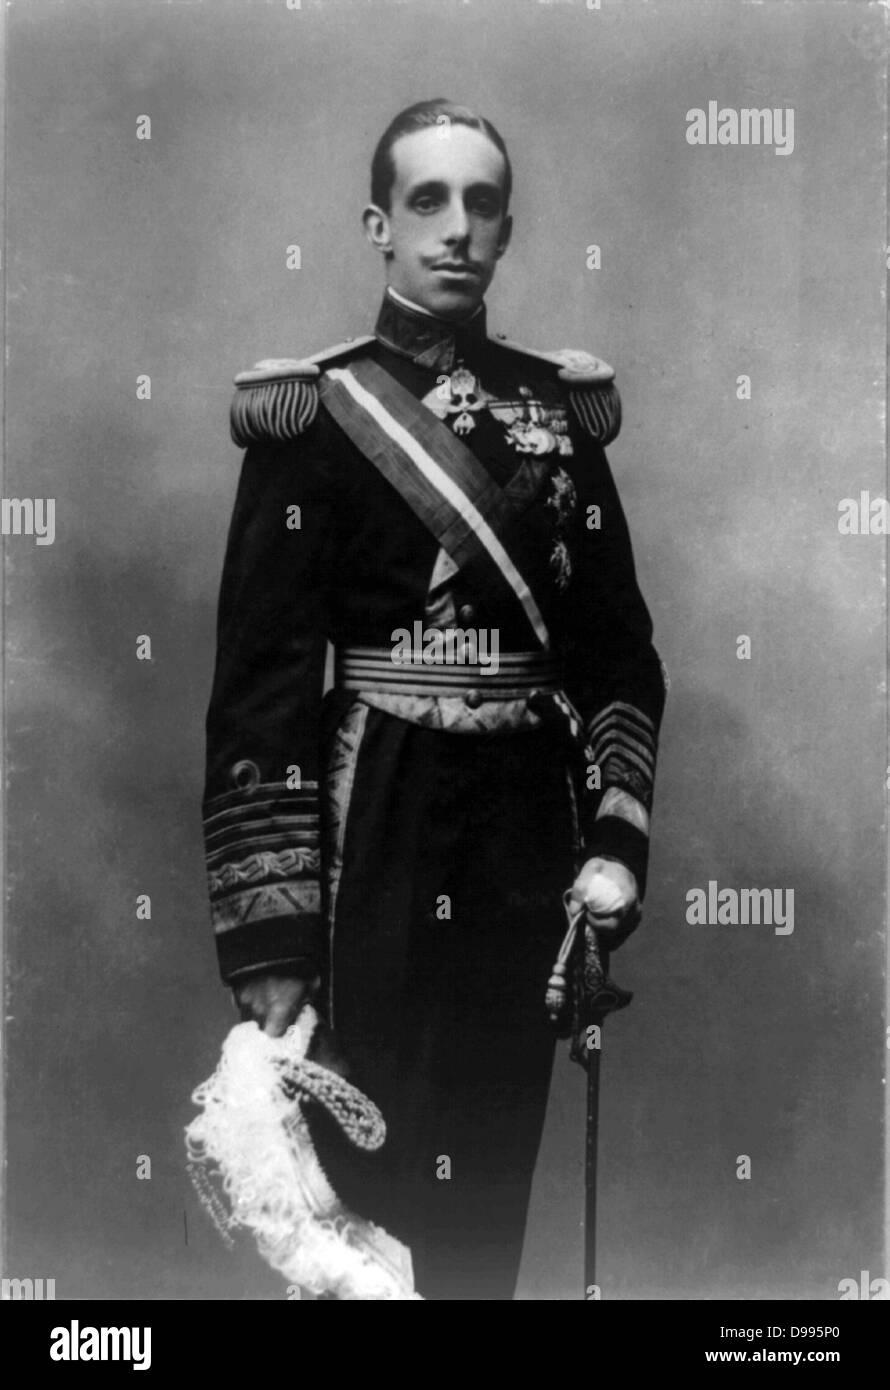 El rey Alfonso XIII de España, 13 de octubre de 1913. Imagen De Stock